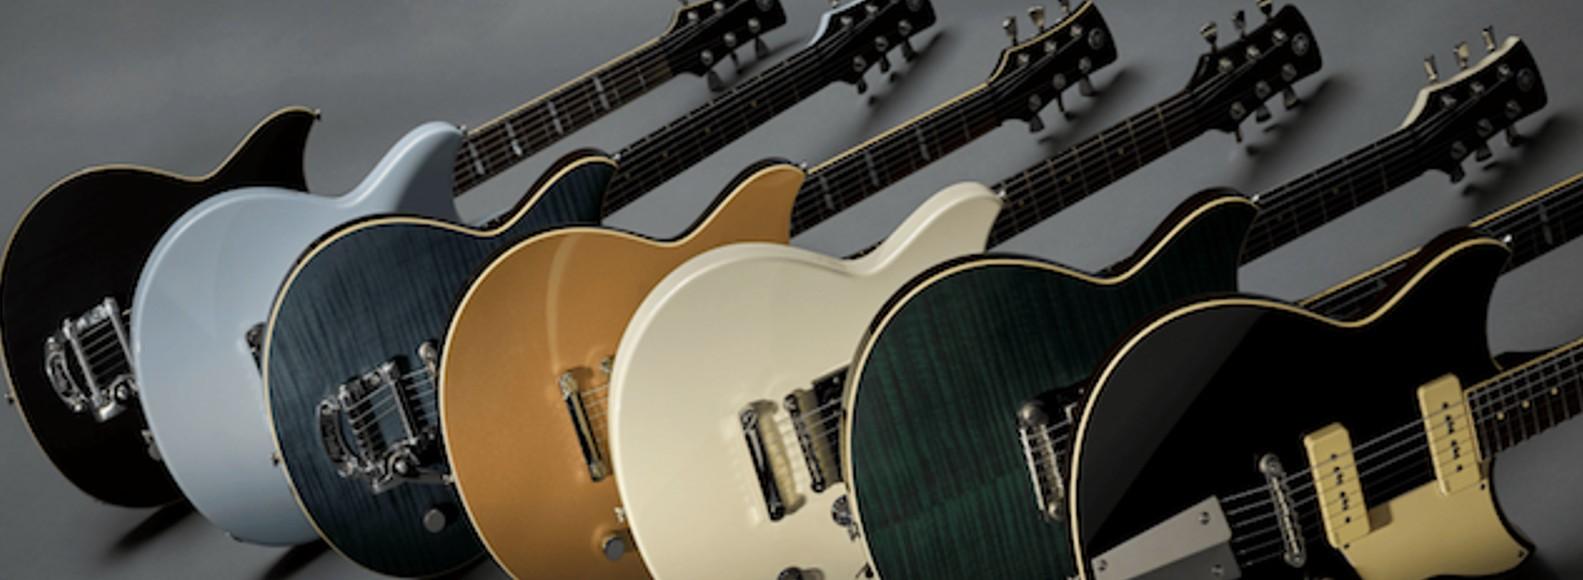 guitares électriques Yamaha revstar